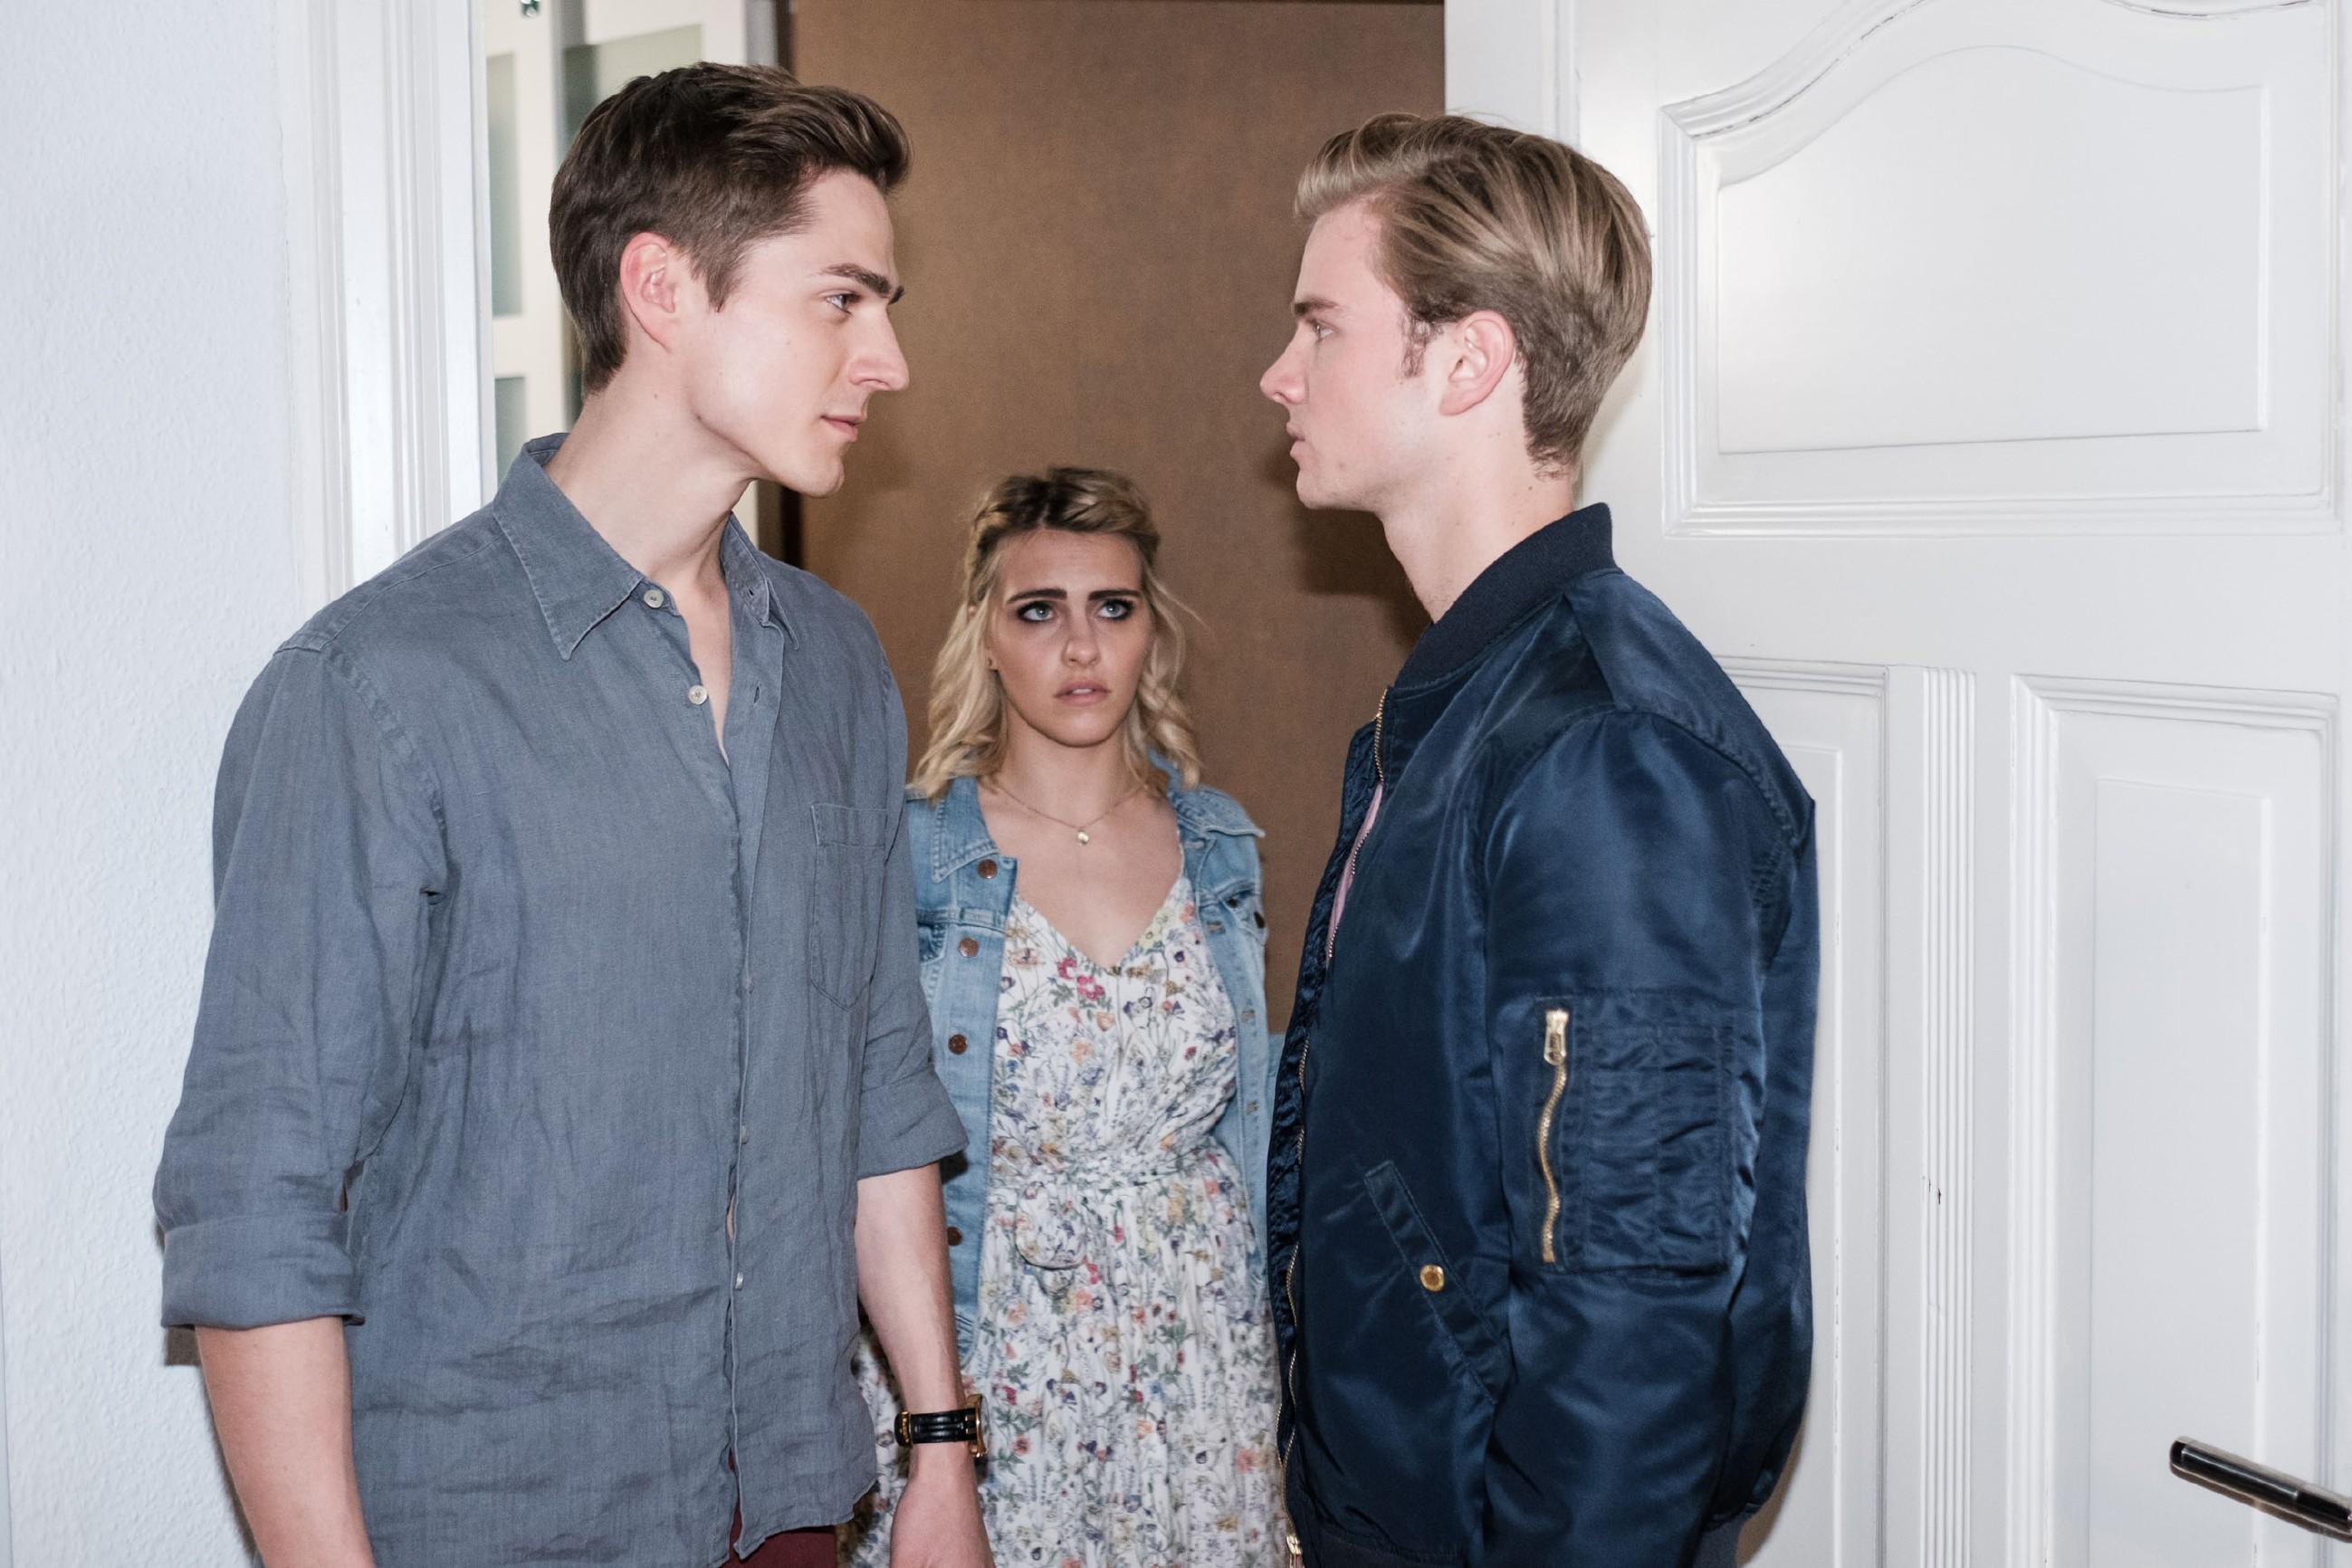 Valentin (Aaron Koszuta, r.) durchschaut Ringos (Timothy Boldt) Racheaktion und stellt ihn vor Linda (Sarah Mangione) und den anderen Gästen bloß... (Quelle: MG RTL D / Stefan Behrens)